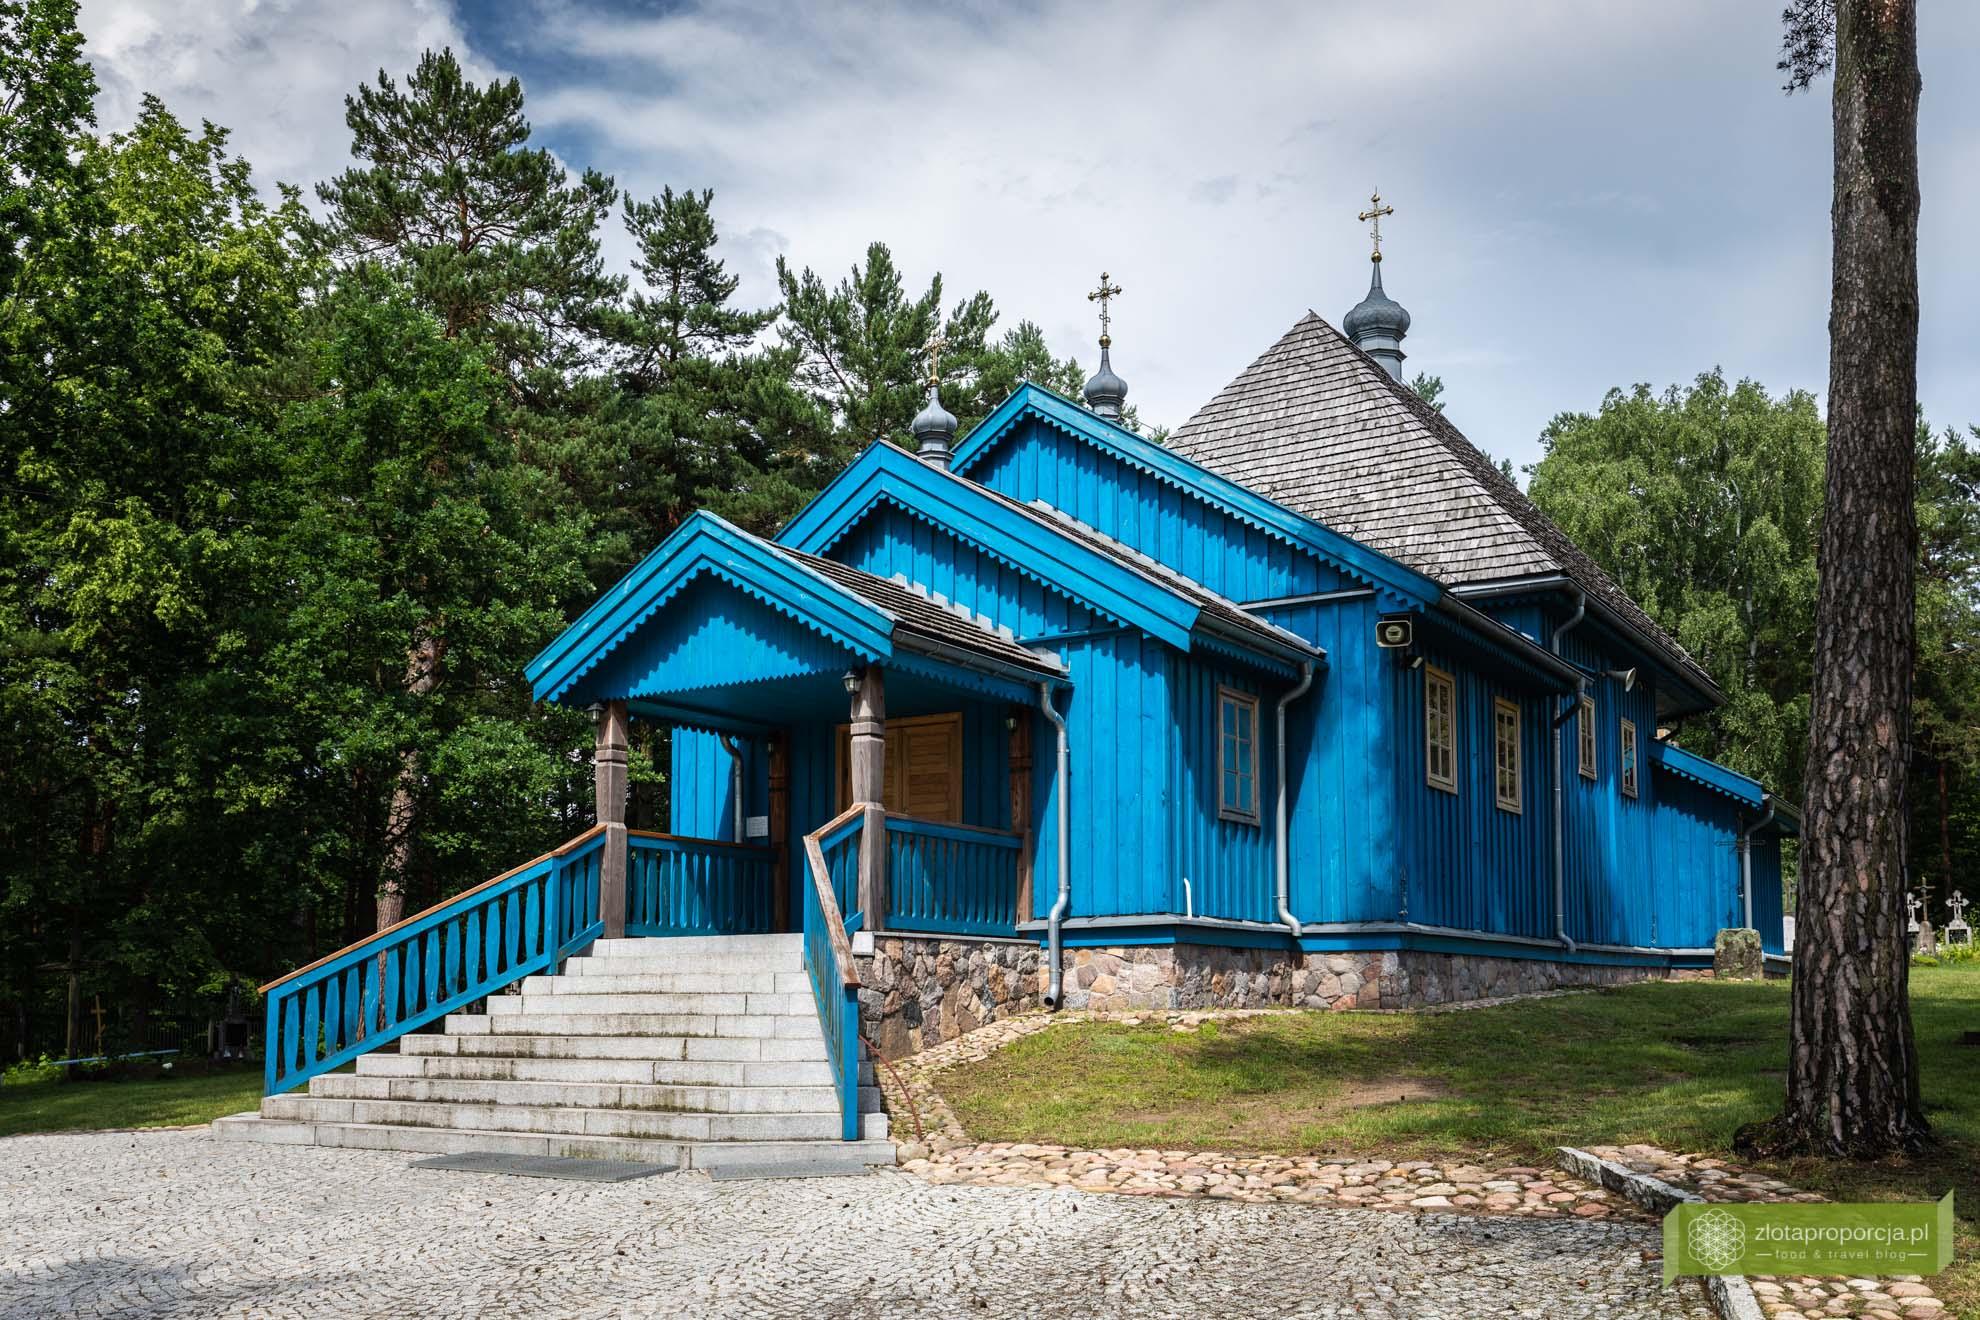 Podlasie; Podlasie rowerem; szlak drewnianych cerkwi Podlasie; okolice Hajnówki; Saki; cerkiew św. Dymitra Sołuńskiego Saki; najpiękniejsze cerkwie na Podlasiu;